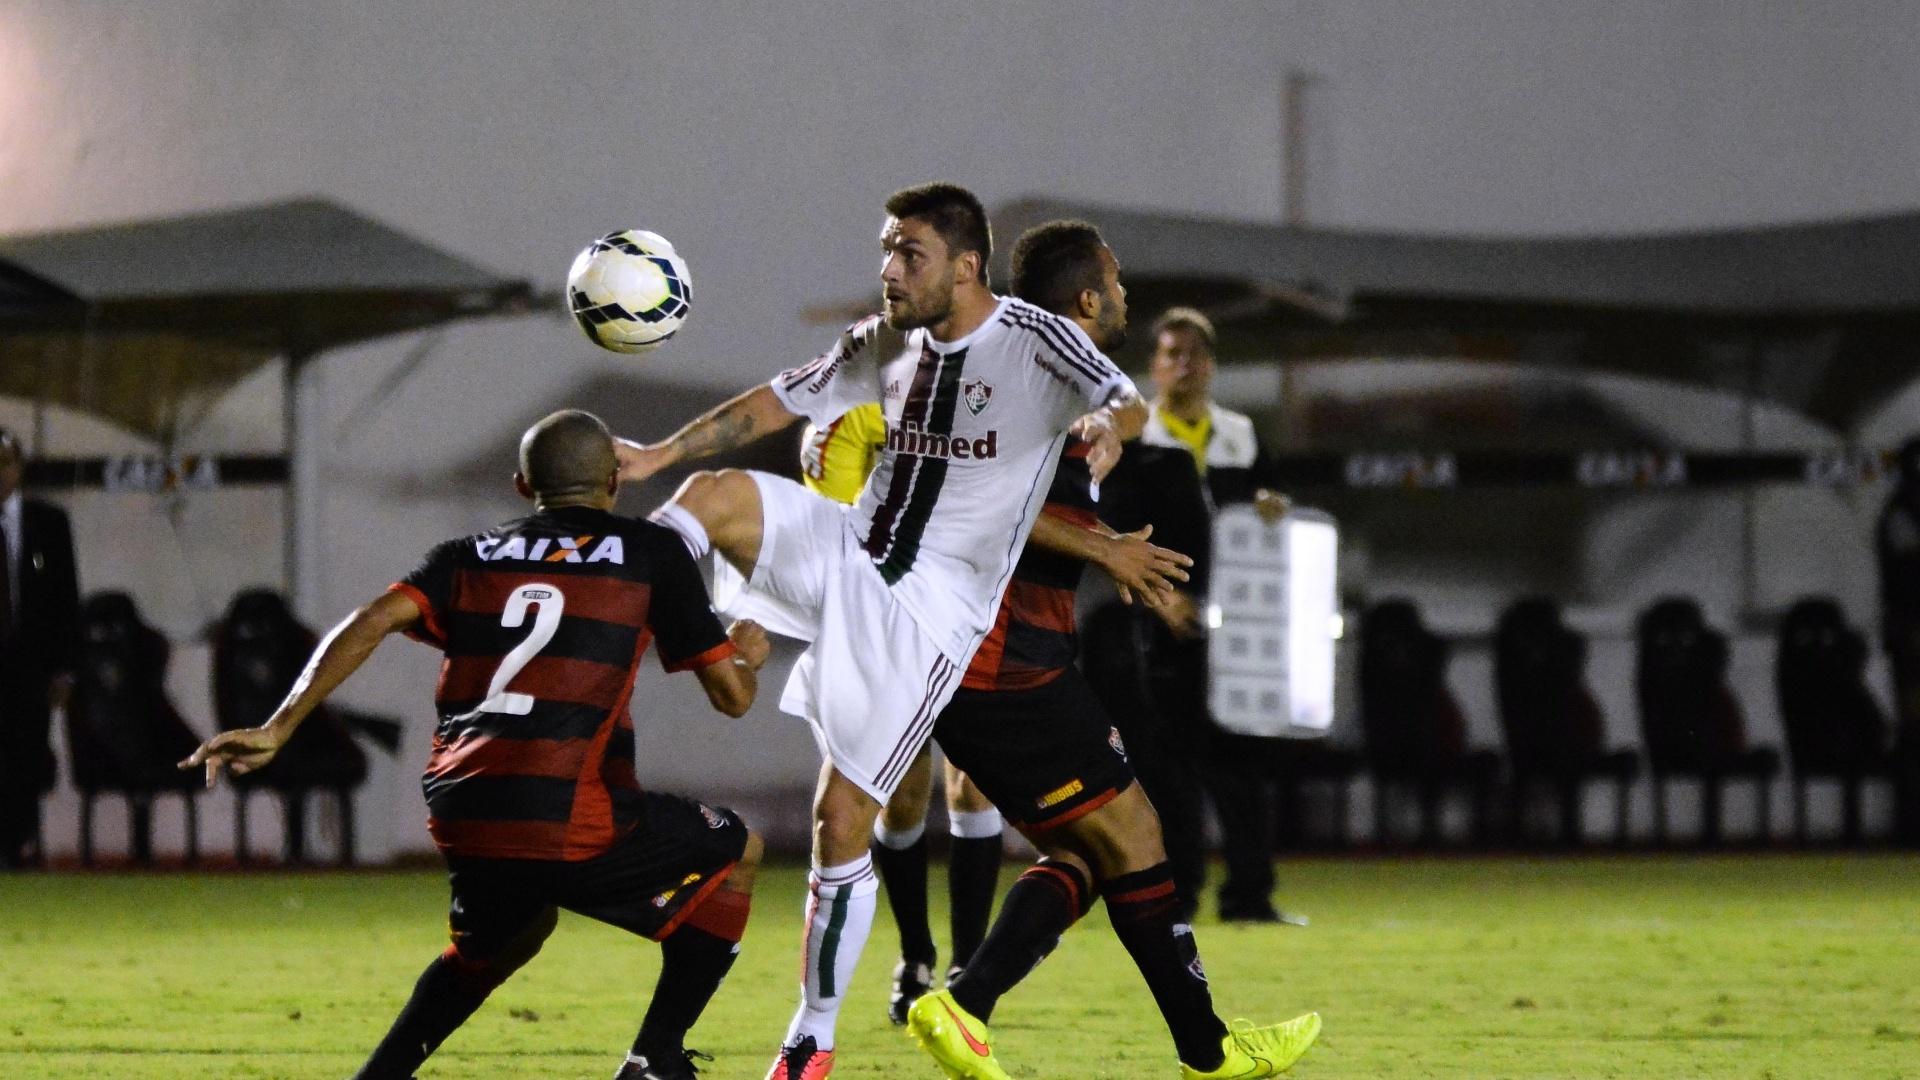 Rafael Sóbis tenta driblar lateral do Vitória em jogo do Fluminense pelo Brasileirão